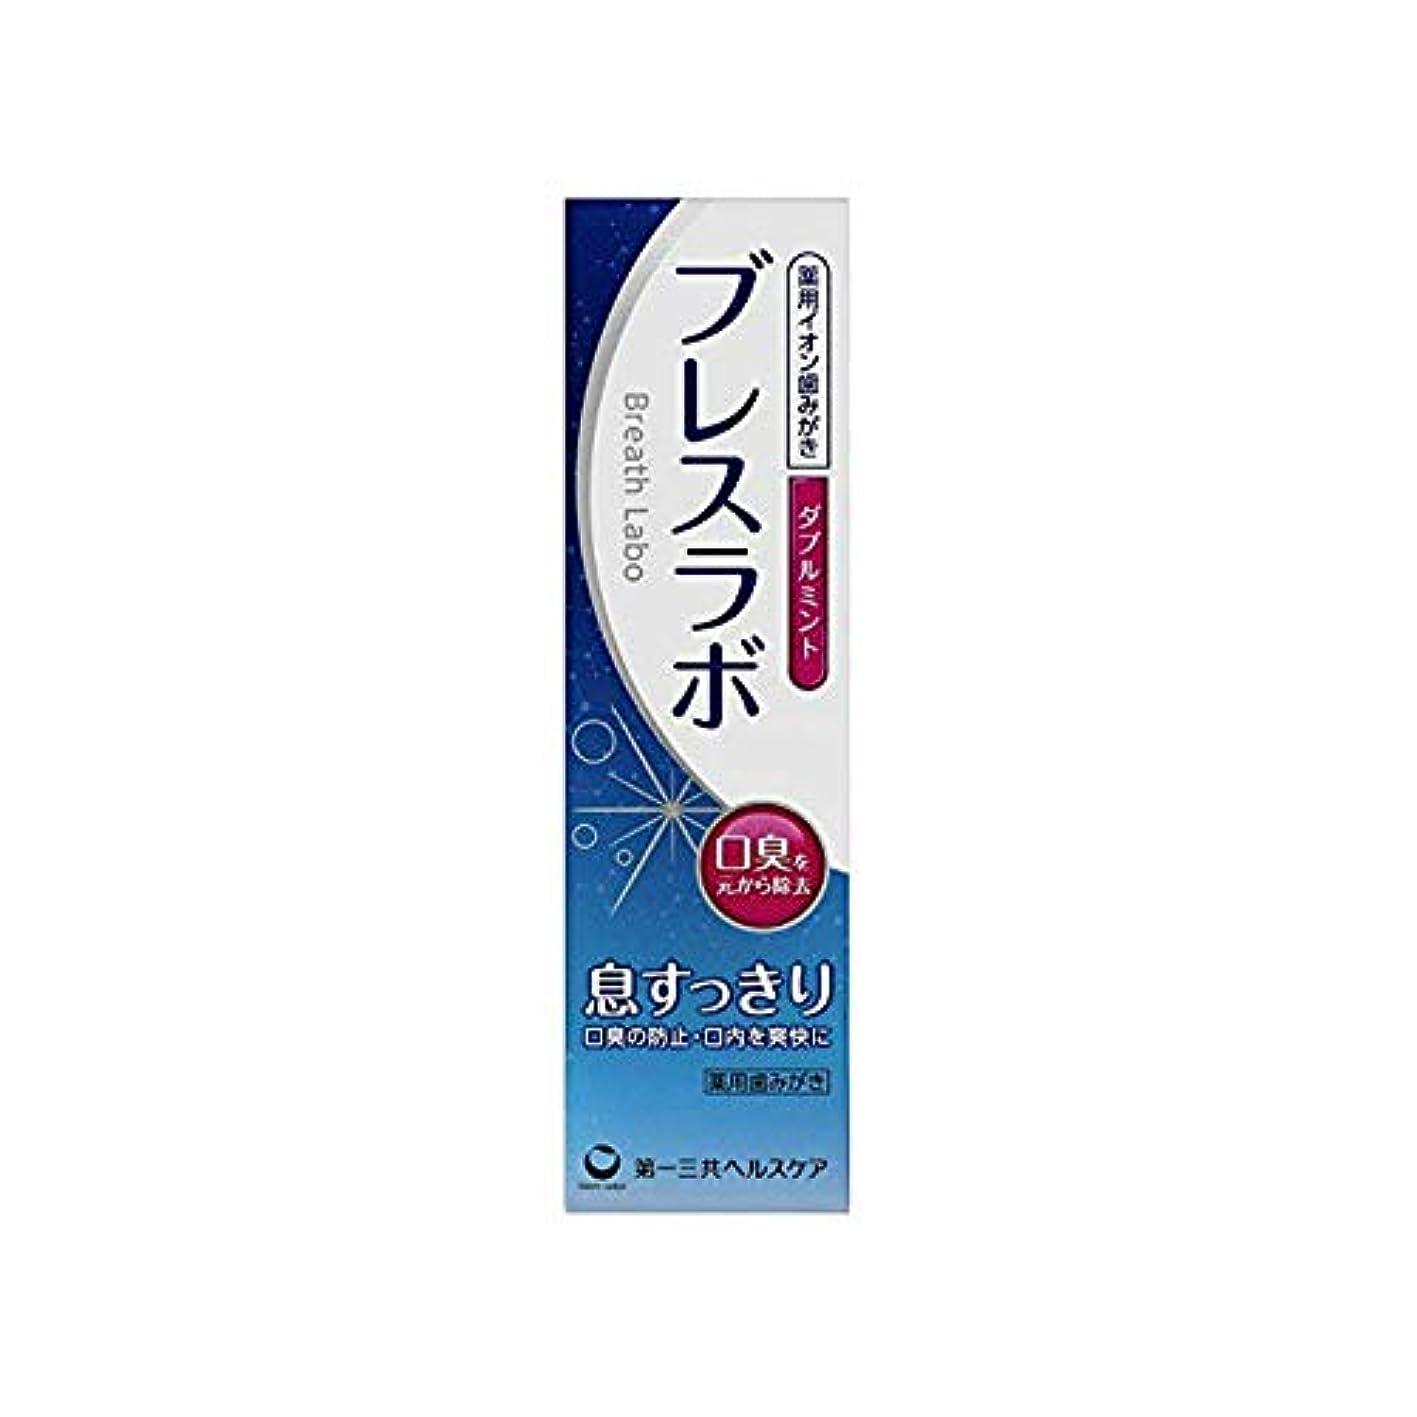 宇宙船スナップ素子【3個セット】ブレスラボ ダブルミント 90g